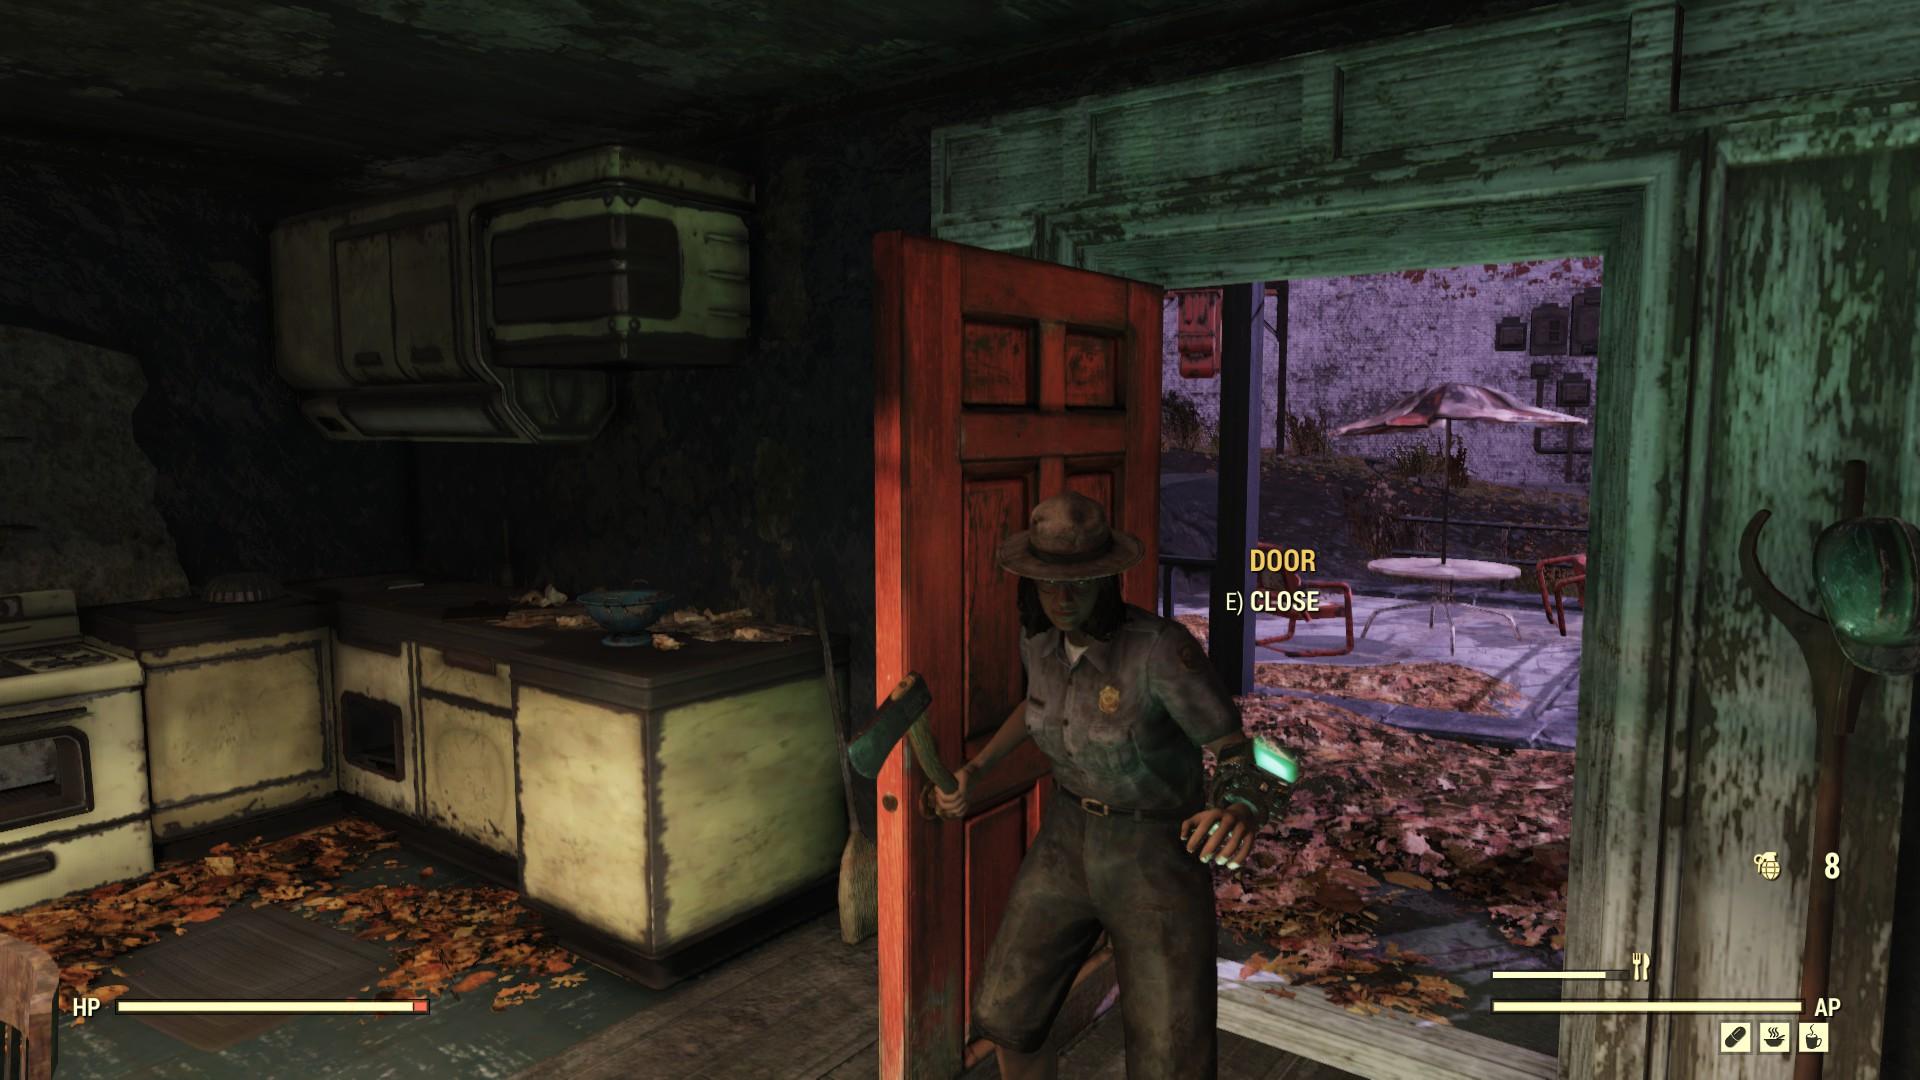 A screenshot showing Sin's NPC crashing through a the door of a deserted home, holding an axe